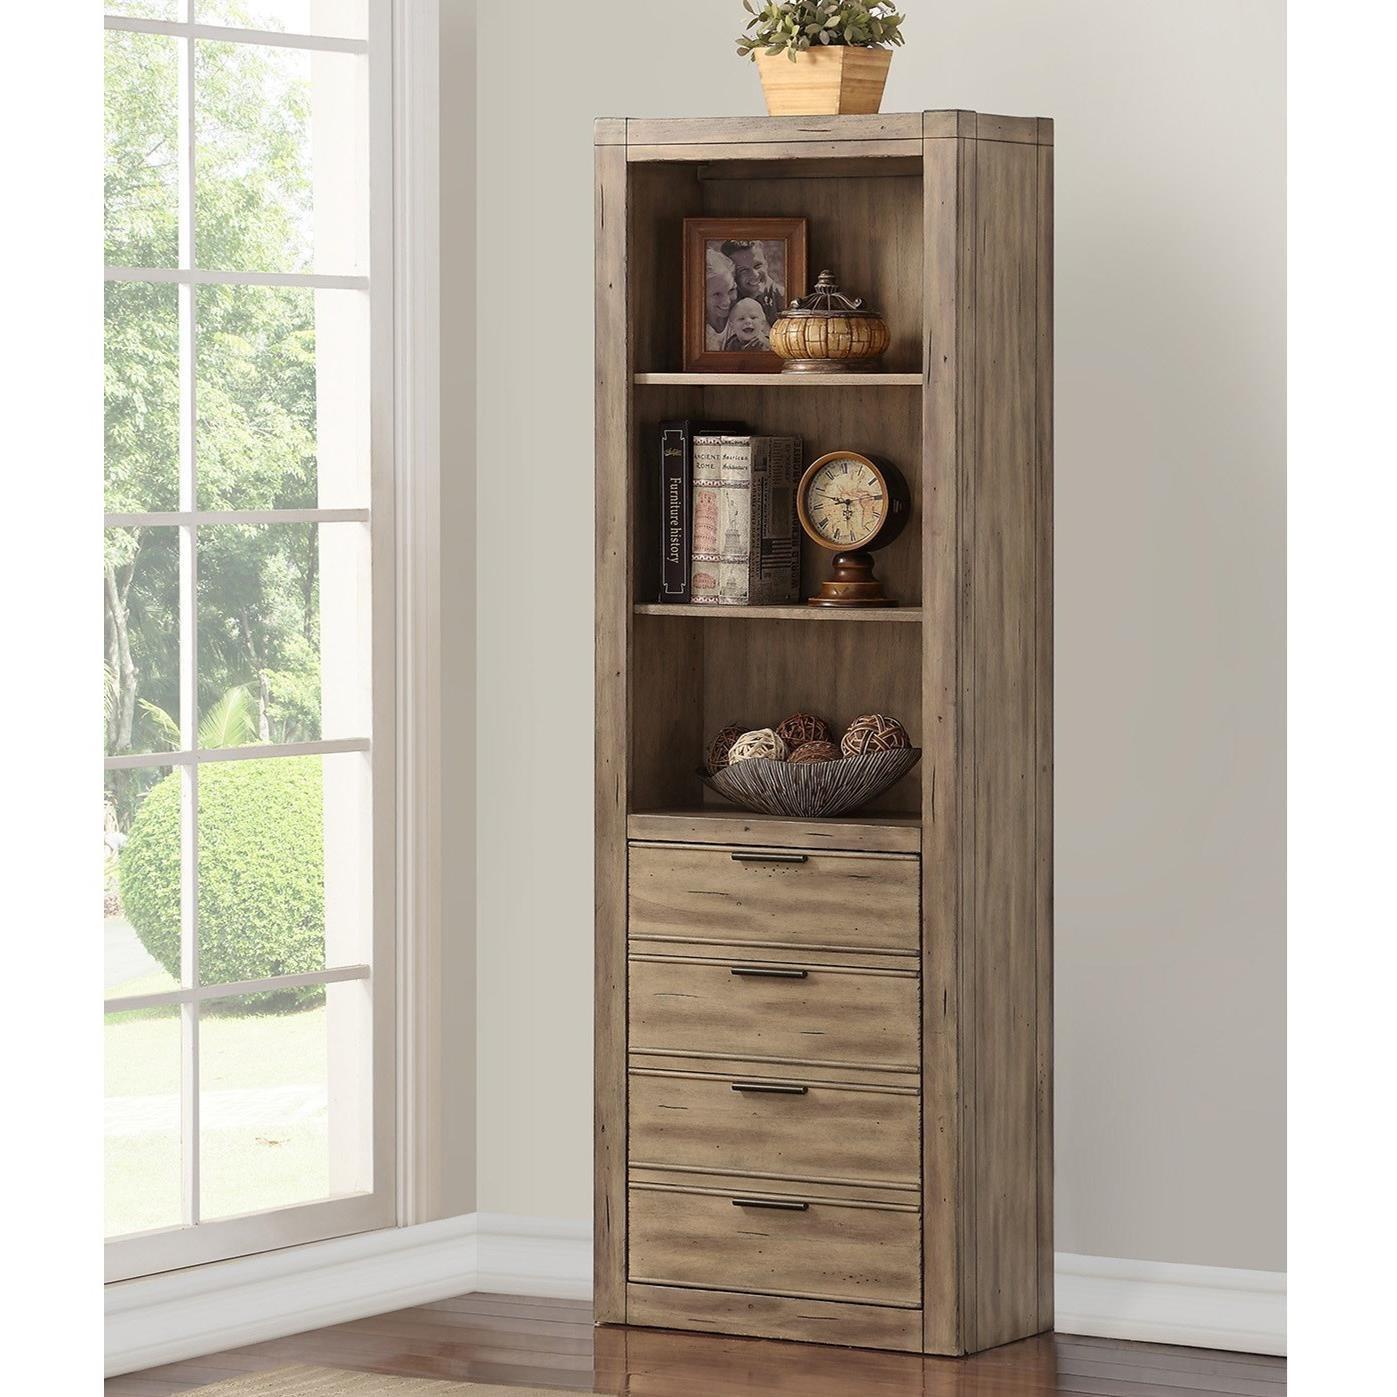 Bookcase with Door